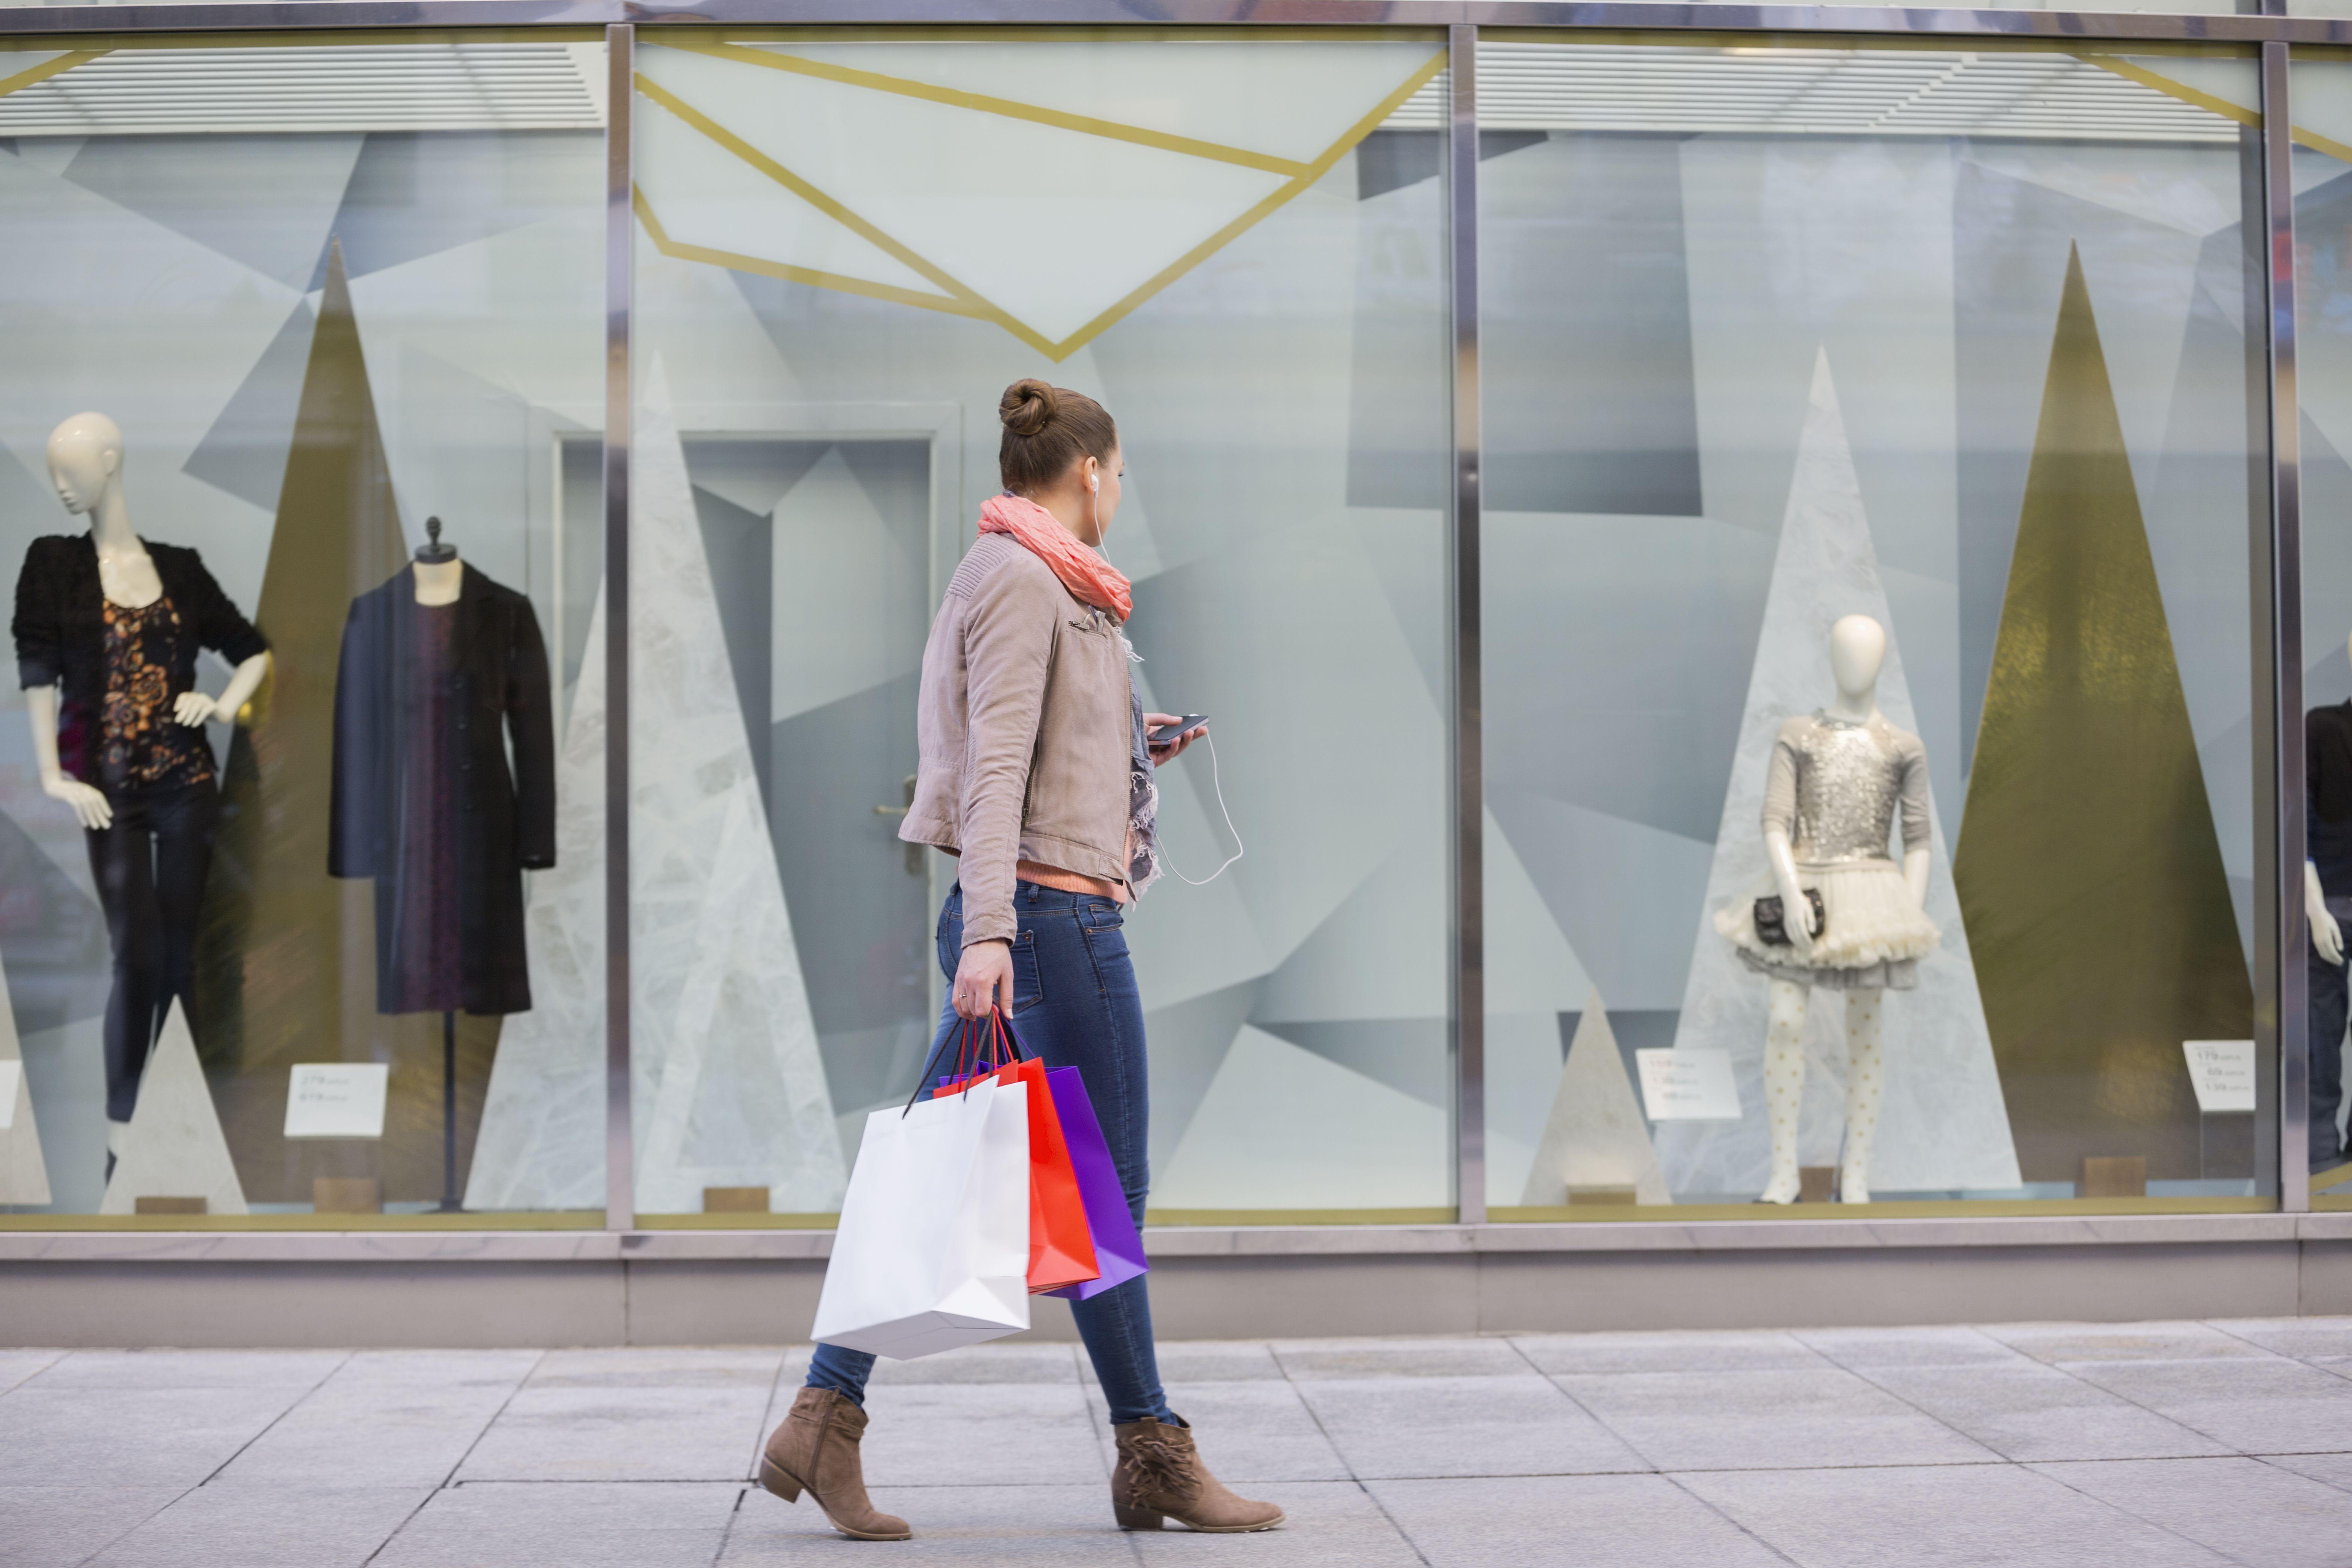 shopping, dårlig selvtillid, mindreværd, usikkerhed, udseende, mobilspil, covet fashion